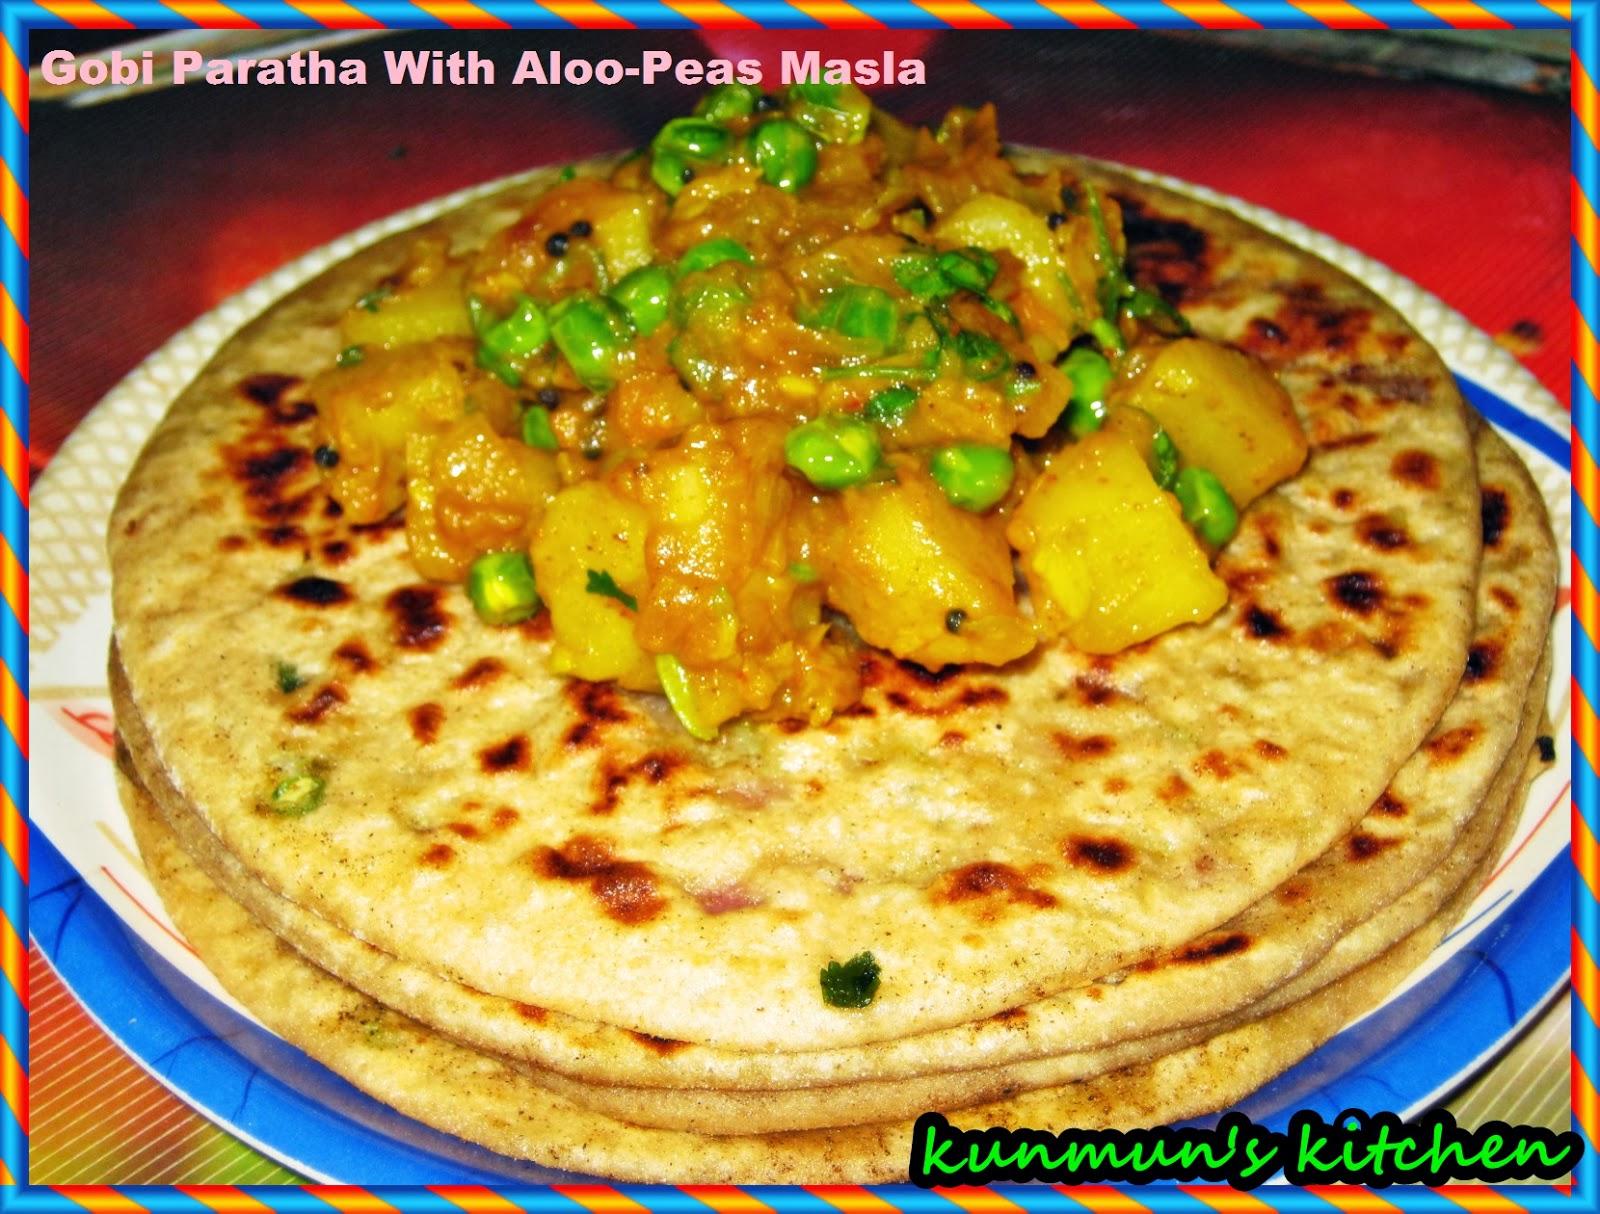 Kunmun's Delicious Kitchen: GOBI PARATHA (CAULIFLOWER PARATHA)